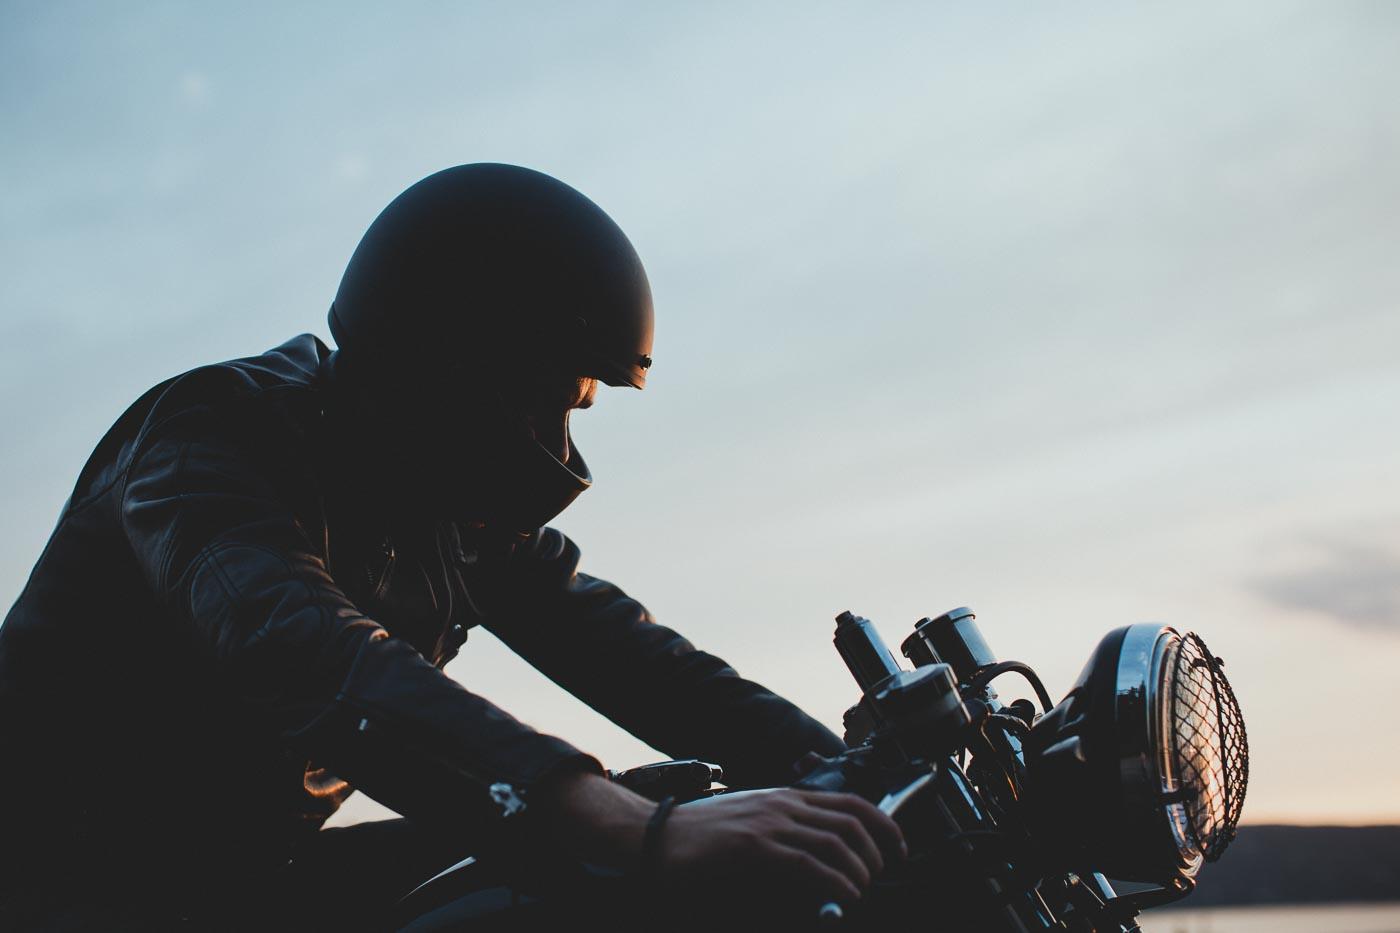 WilkieVintage_Motorcycle_Projects @ Alan Thomas Duncan Wilkie-59.jpg